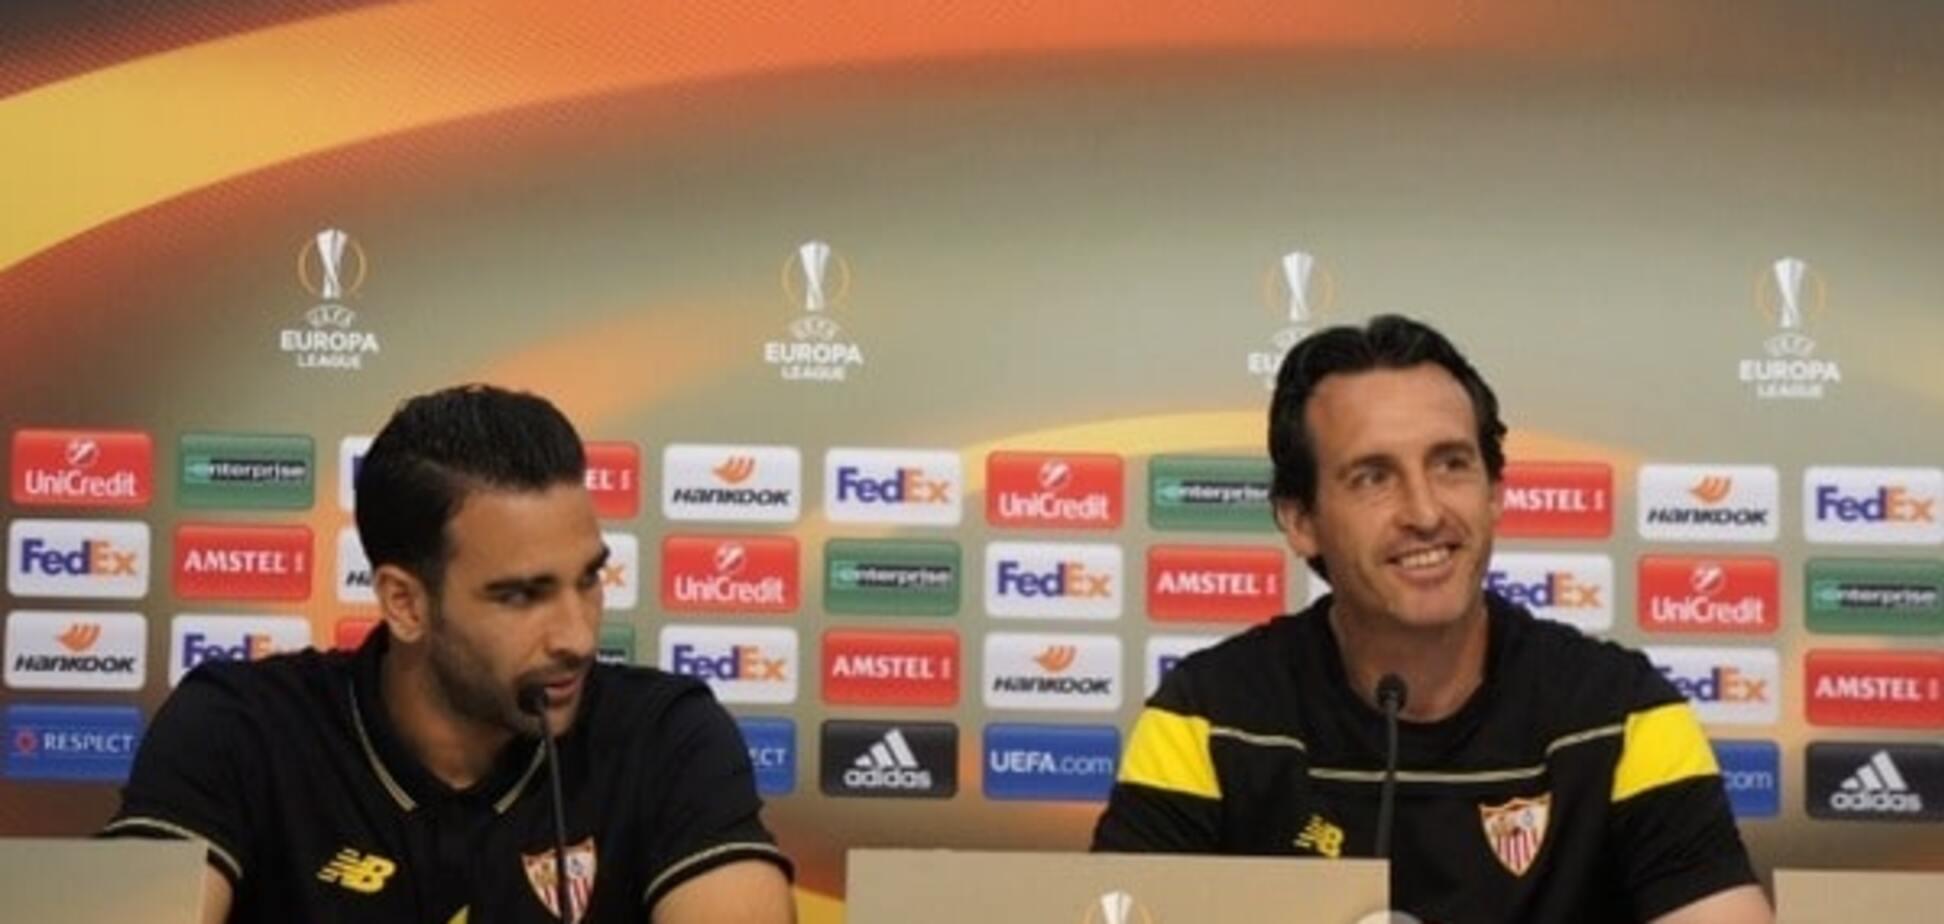 Тренер 'Севільї' розповів, чого чекає від битви із 'Шахтарем' за фінал Ліги Європи